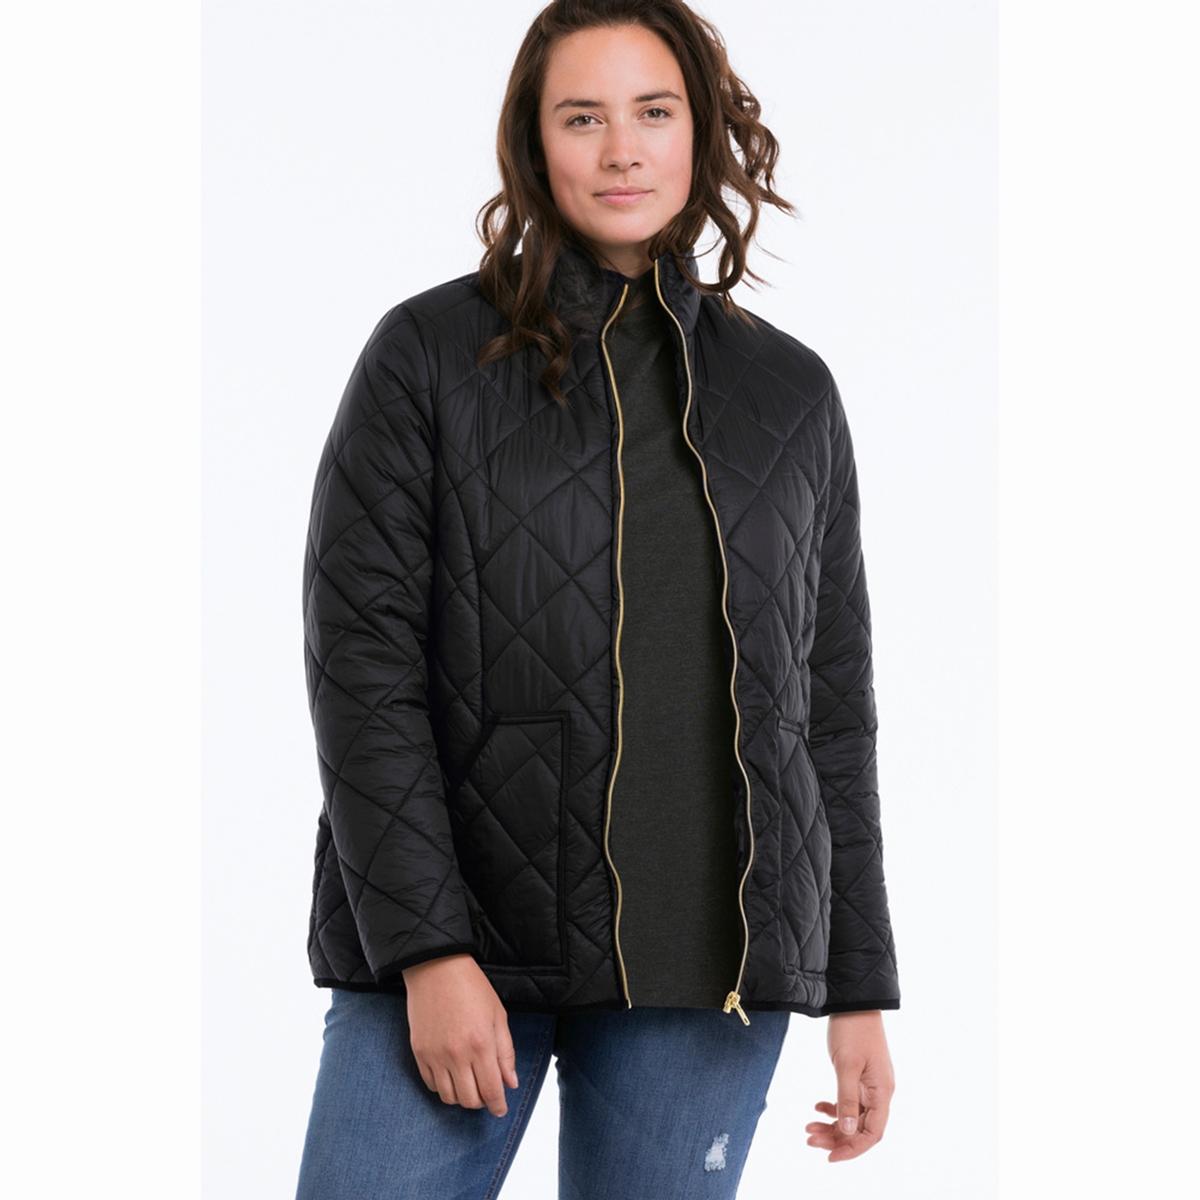 КурткаКуртка стеганая Куртка стеганая. Верх куртки из стеганой ткани с водоотталкивающим эффектом. Высокий воротник, два кармана. Отделка краев рукавов, карманов и низа эластичной бейкой. Застежка на пластмассовую молнию золотистого цвета. Длина ок. 71 см. для размера 44. 100% полиамид.Утеплитель: 100% полиэстер.Покрой: стандартный..Машинная стирка при 40 °С в деликатном режиме<br><br>Цвет: сливовый,черный<br>Размер: 48 (FR) - 54 (RUS).56 (FR) - 62 (RUS)